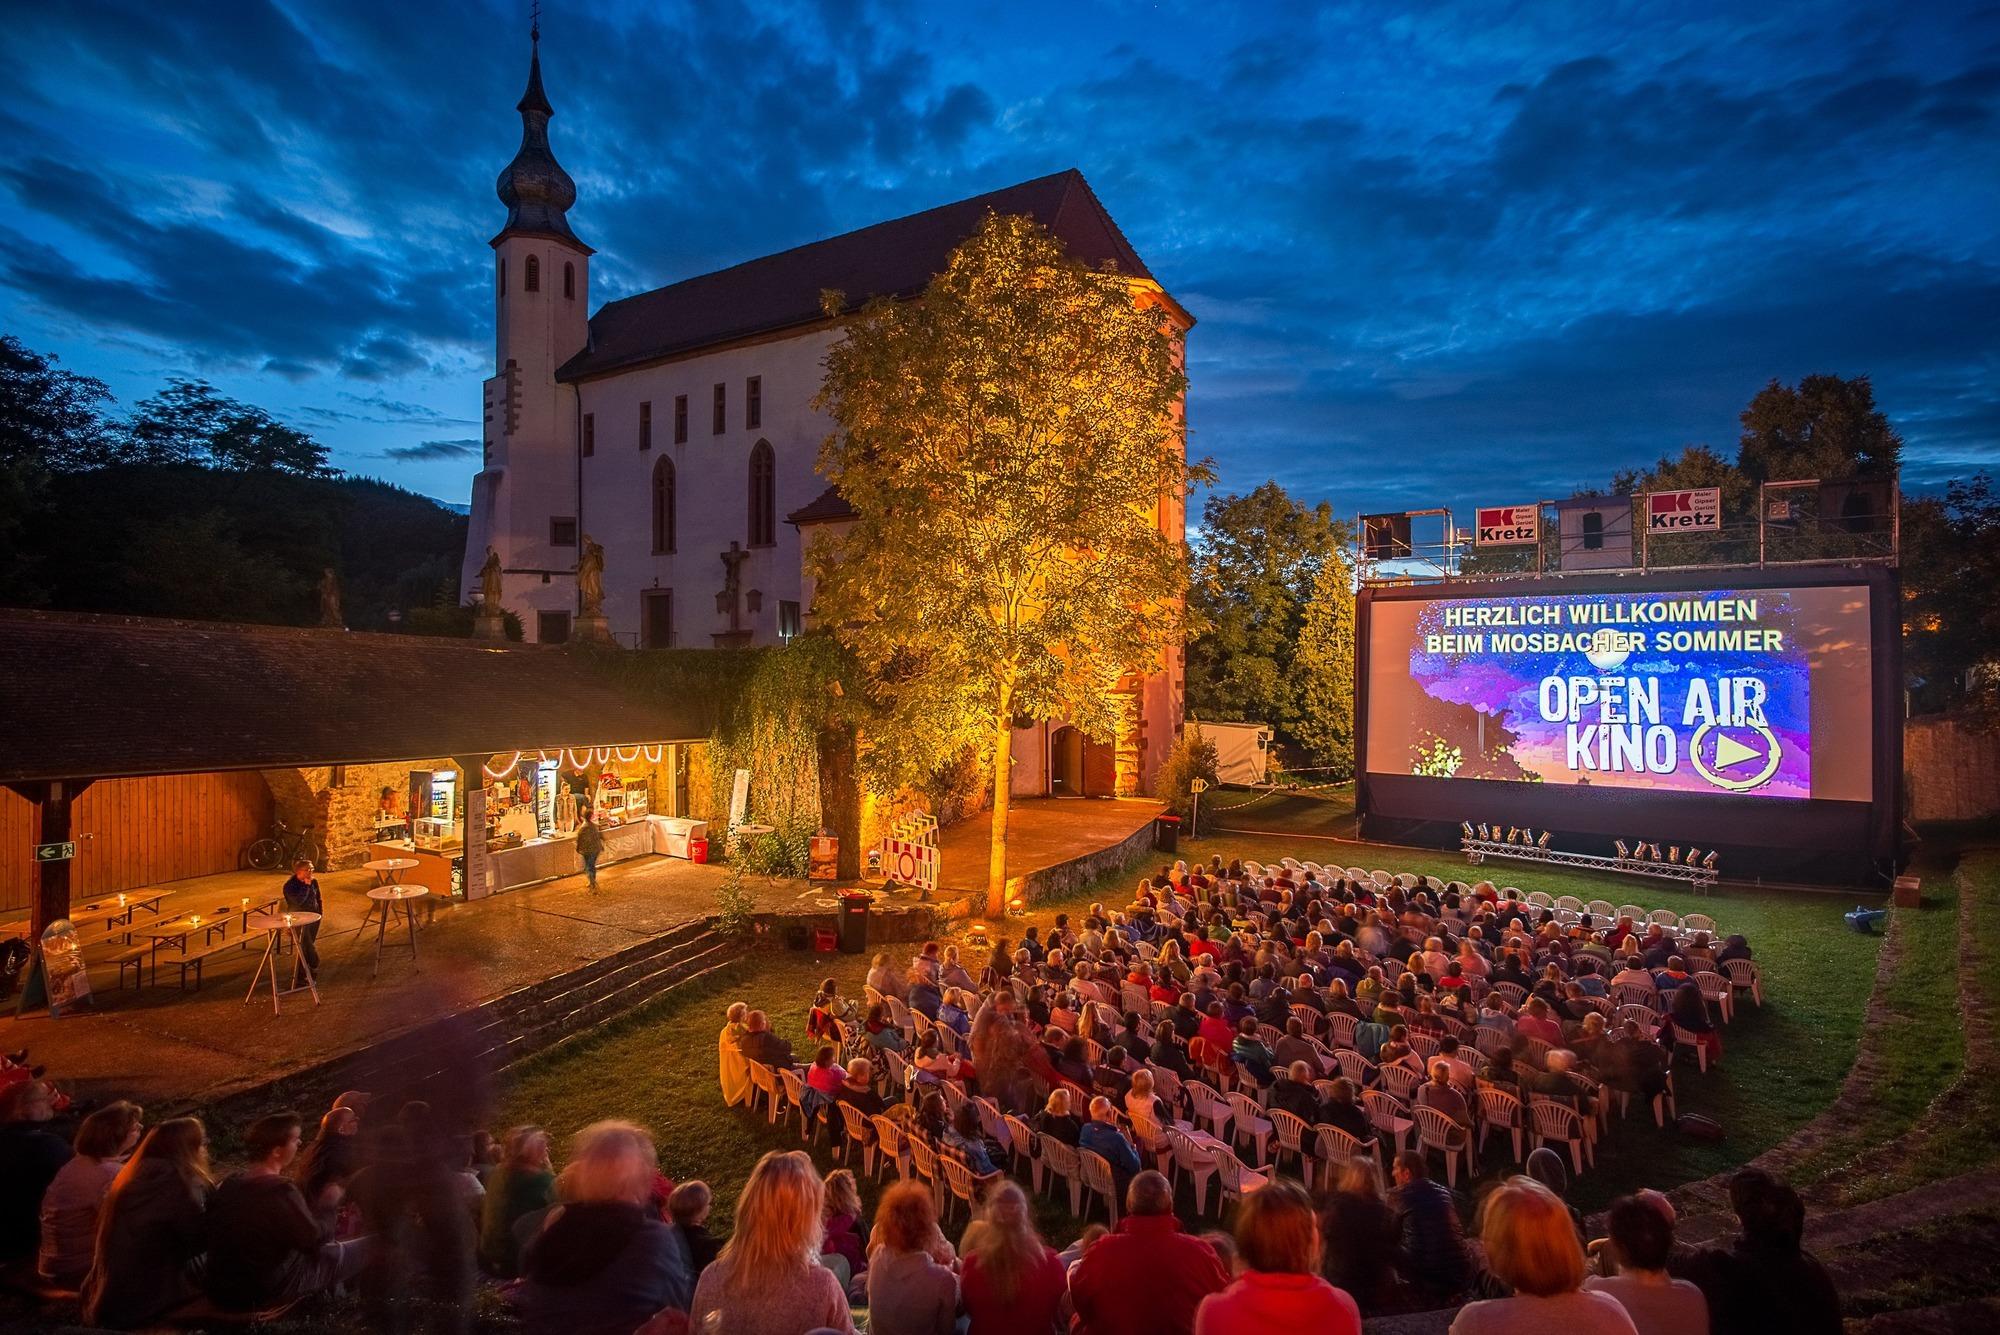 Kino Mosbach Neckarelz